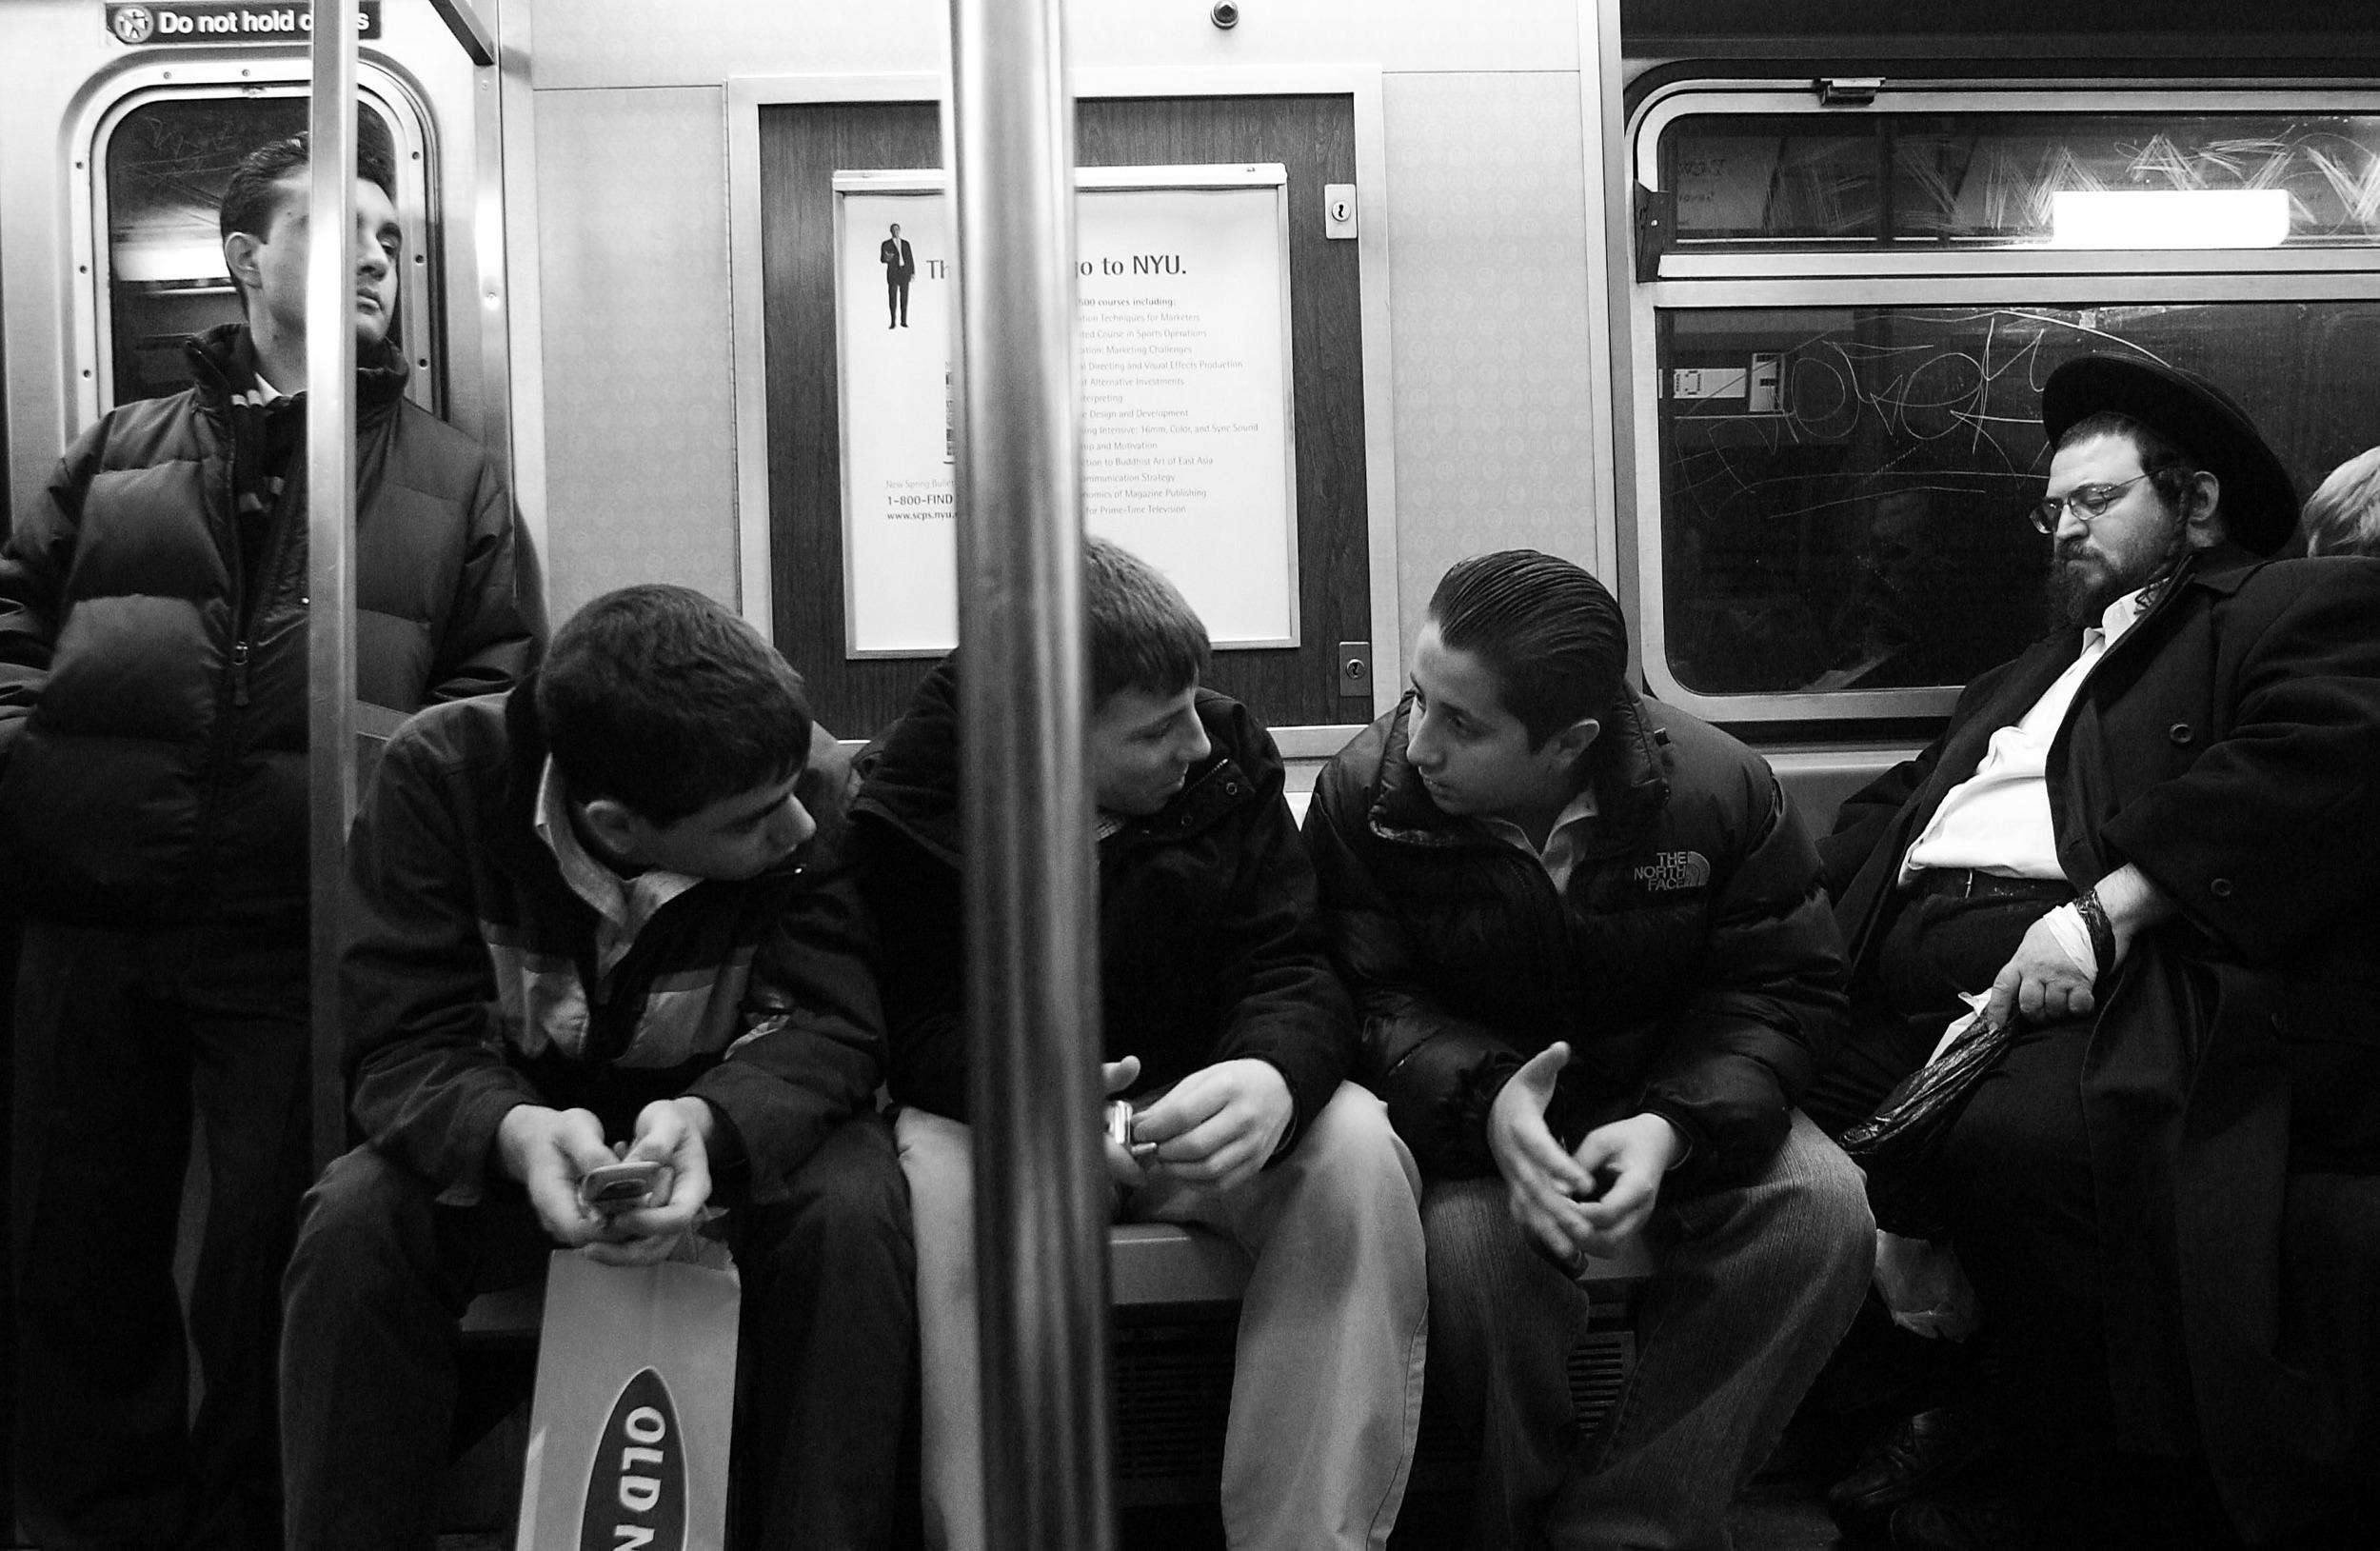 Subway-1825.JPG